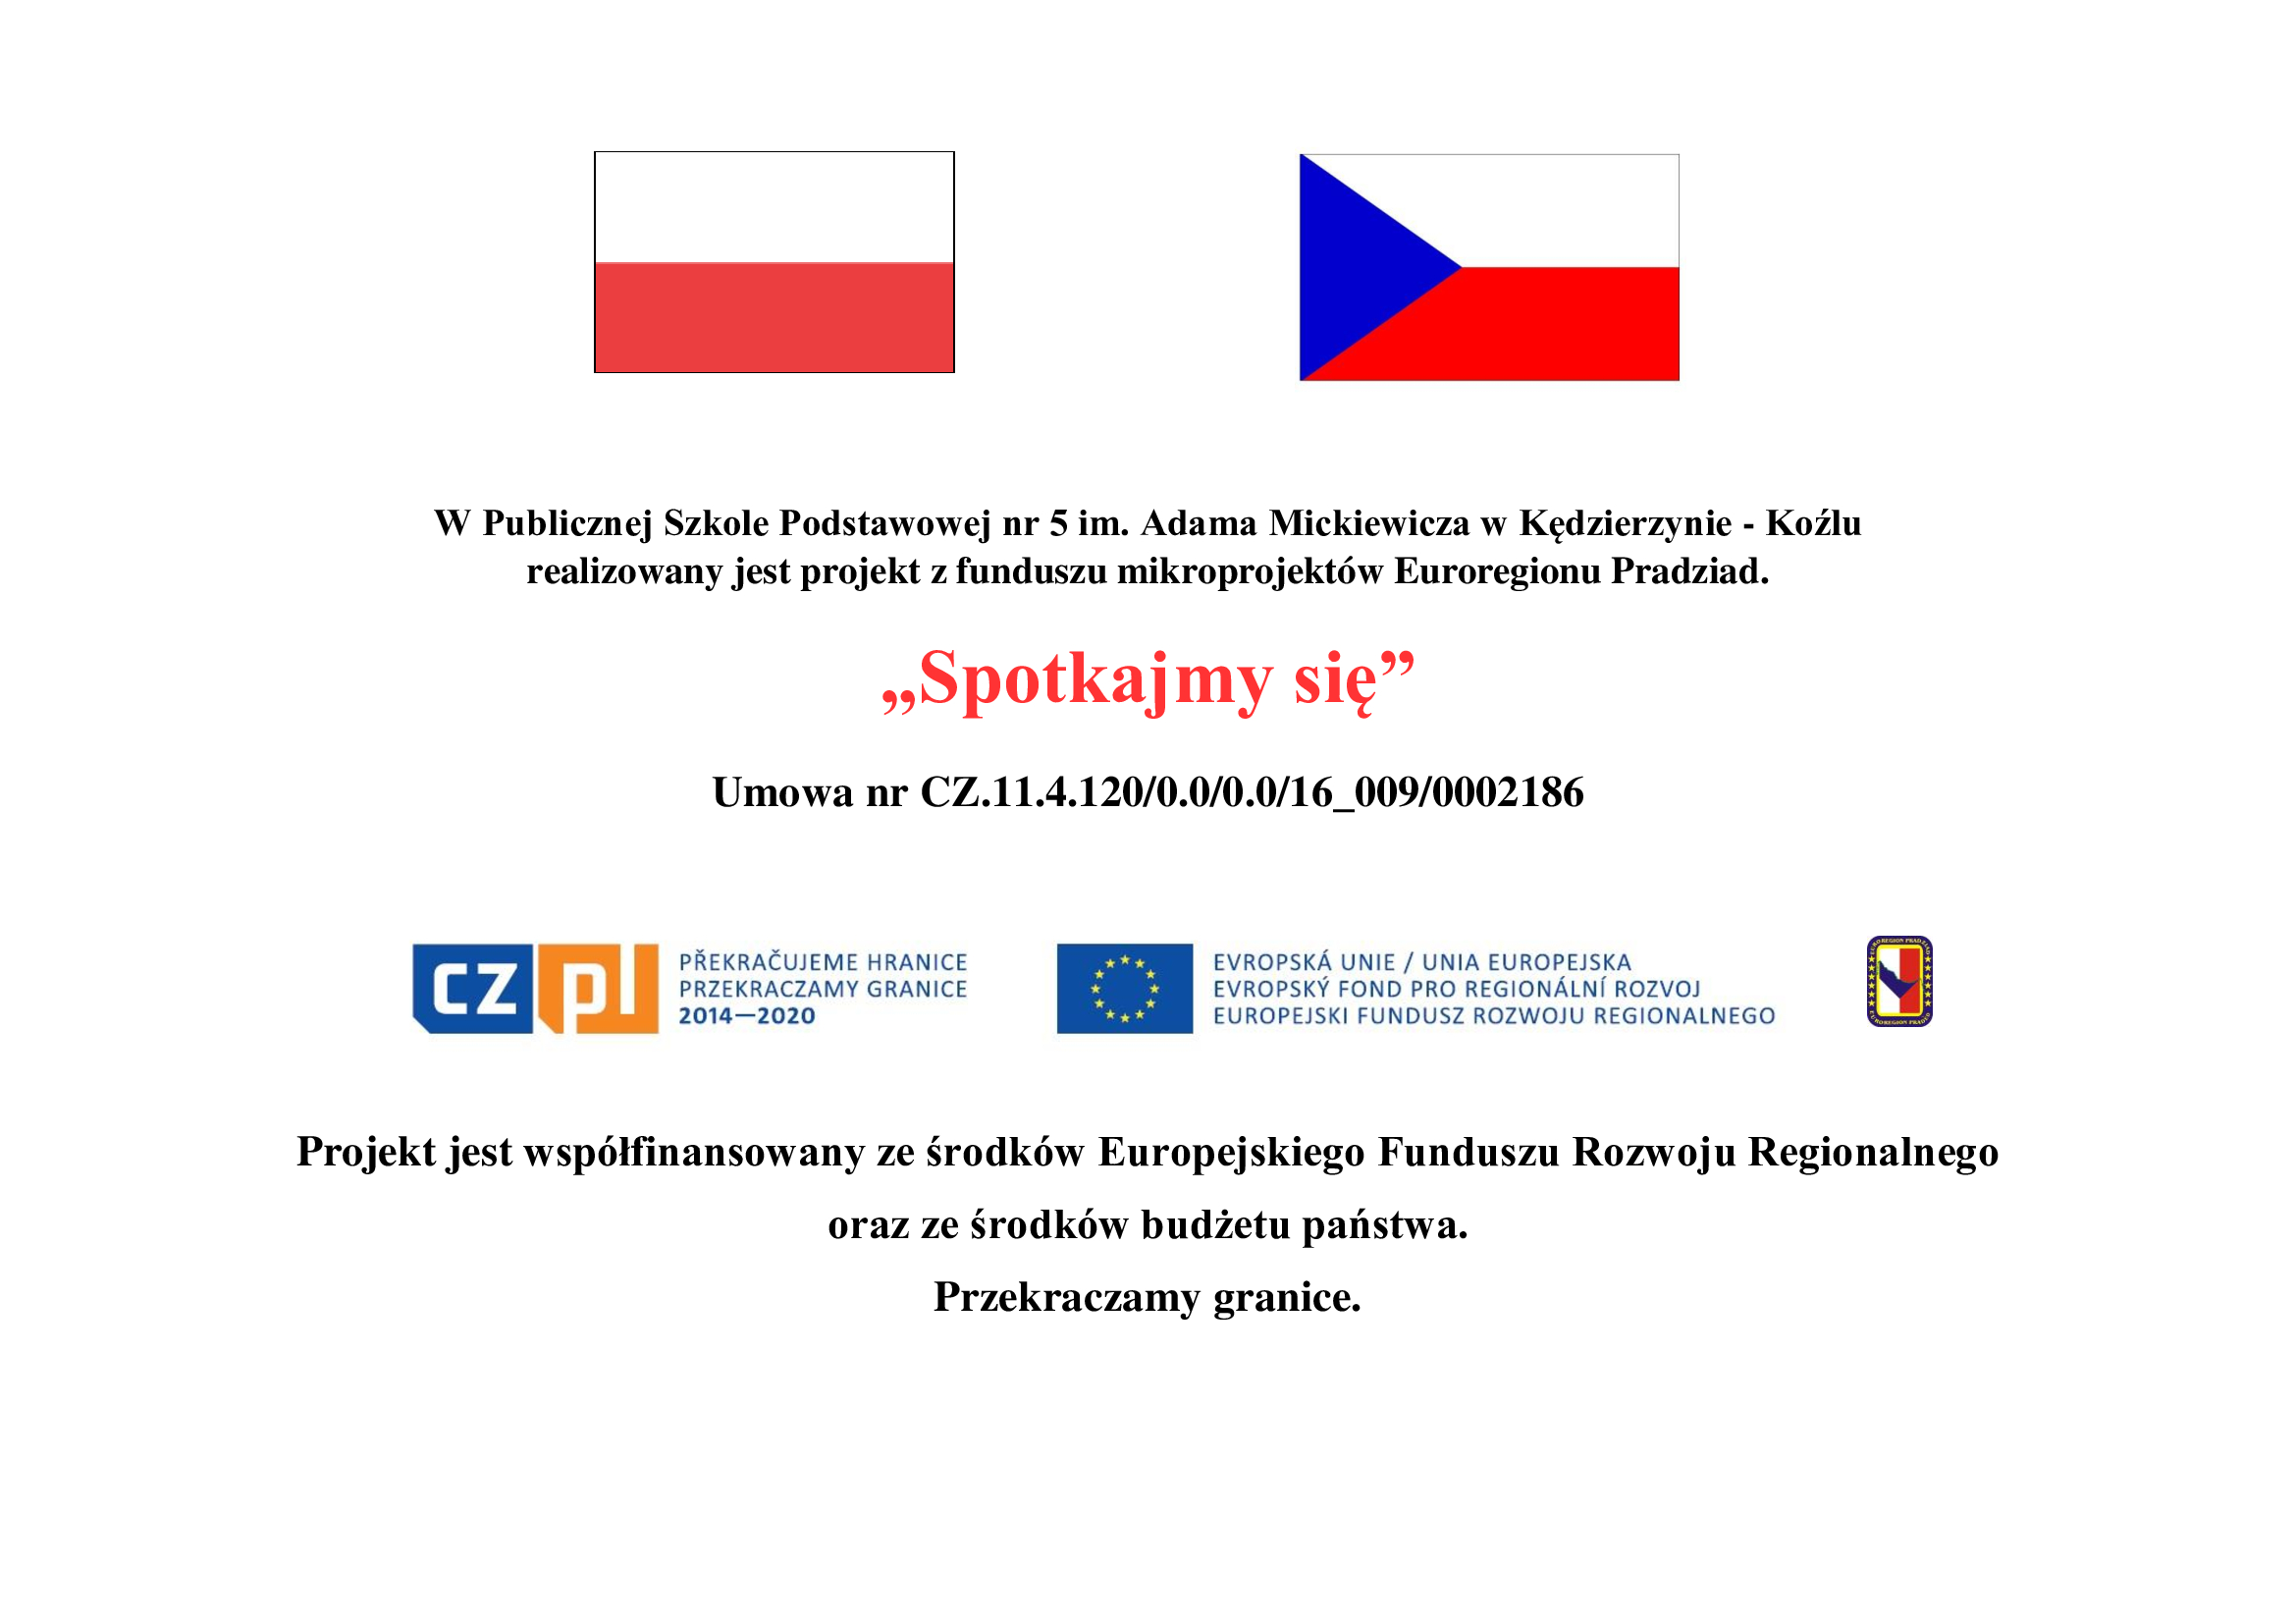 Polsko-czeski projekt pt: Spotkajmy się